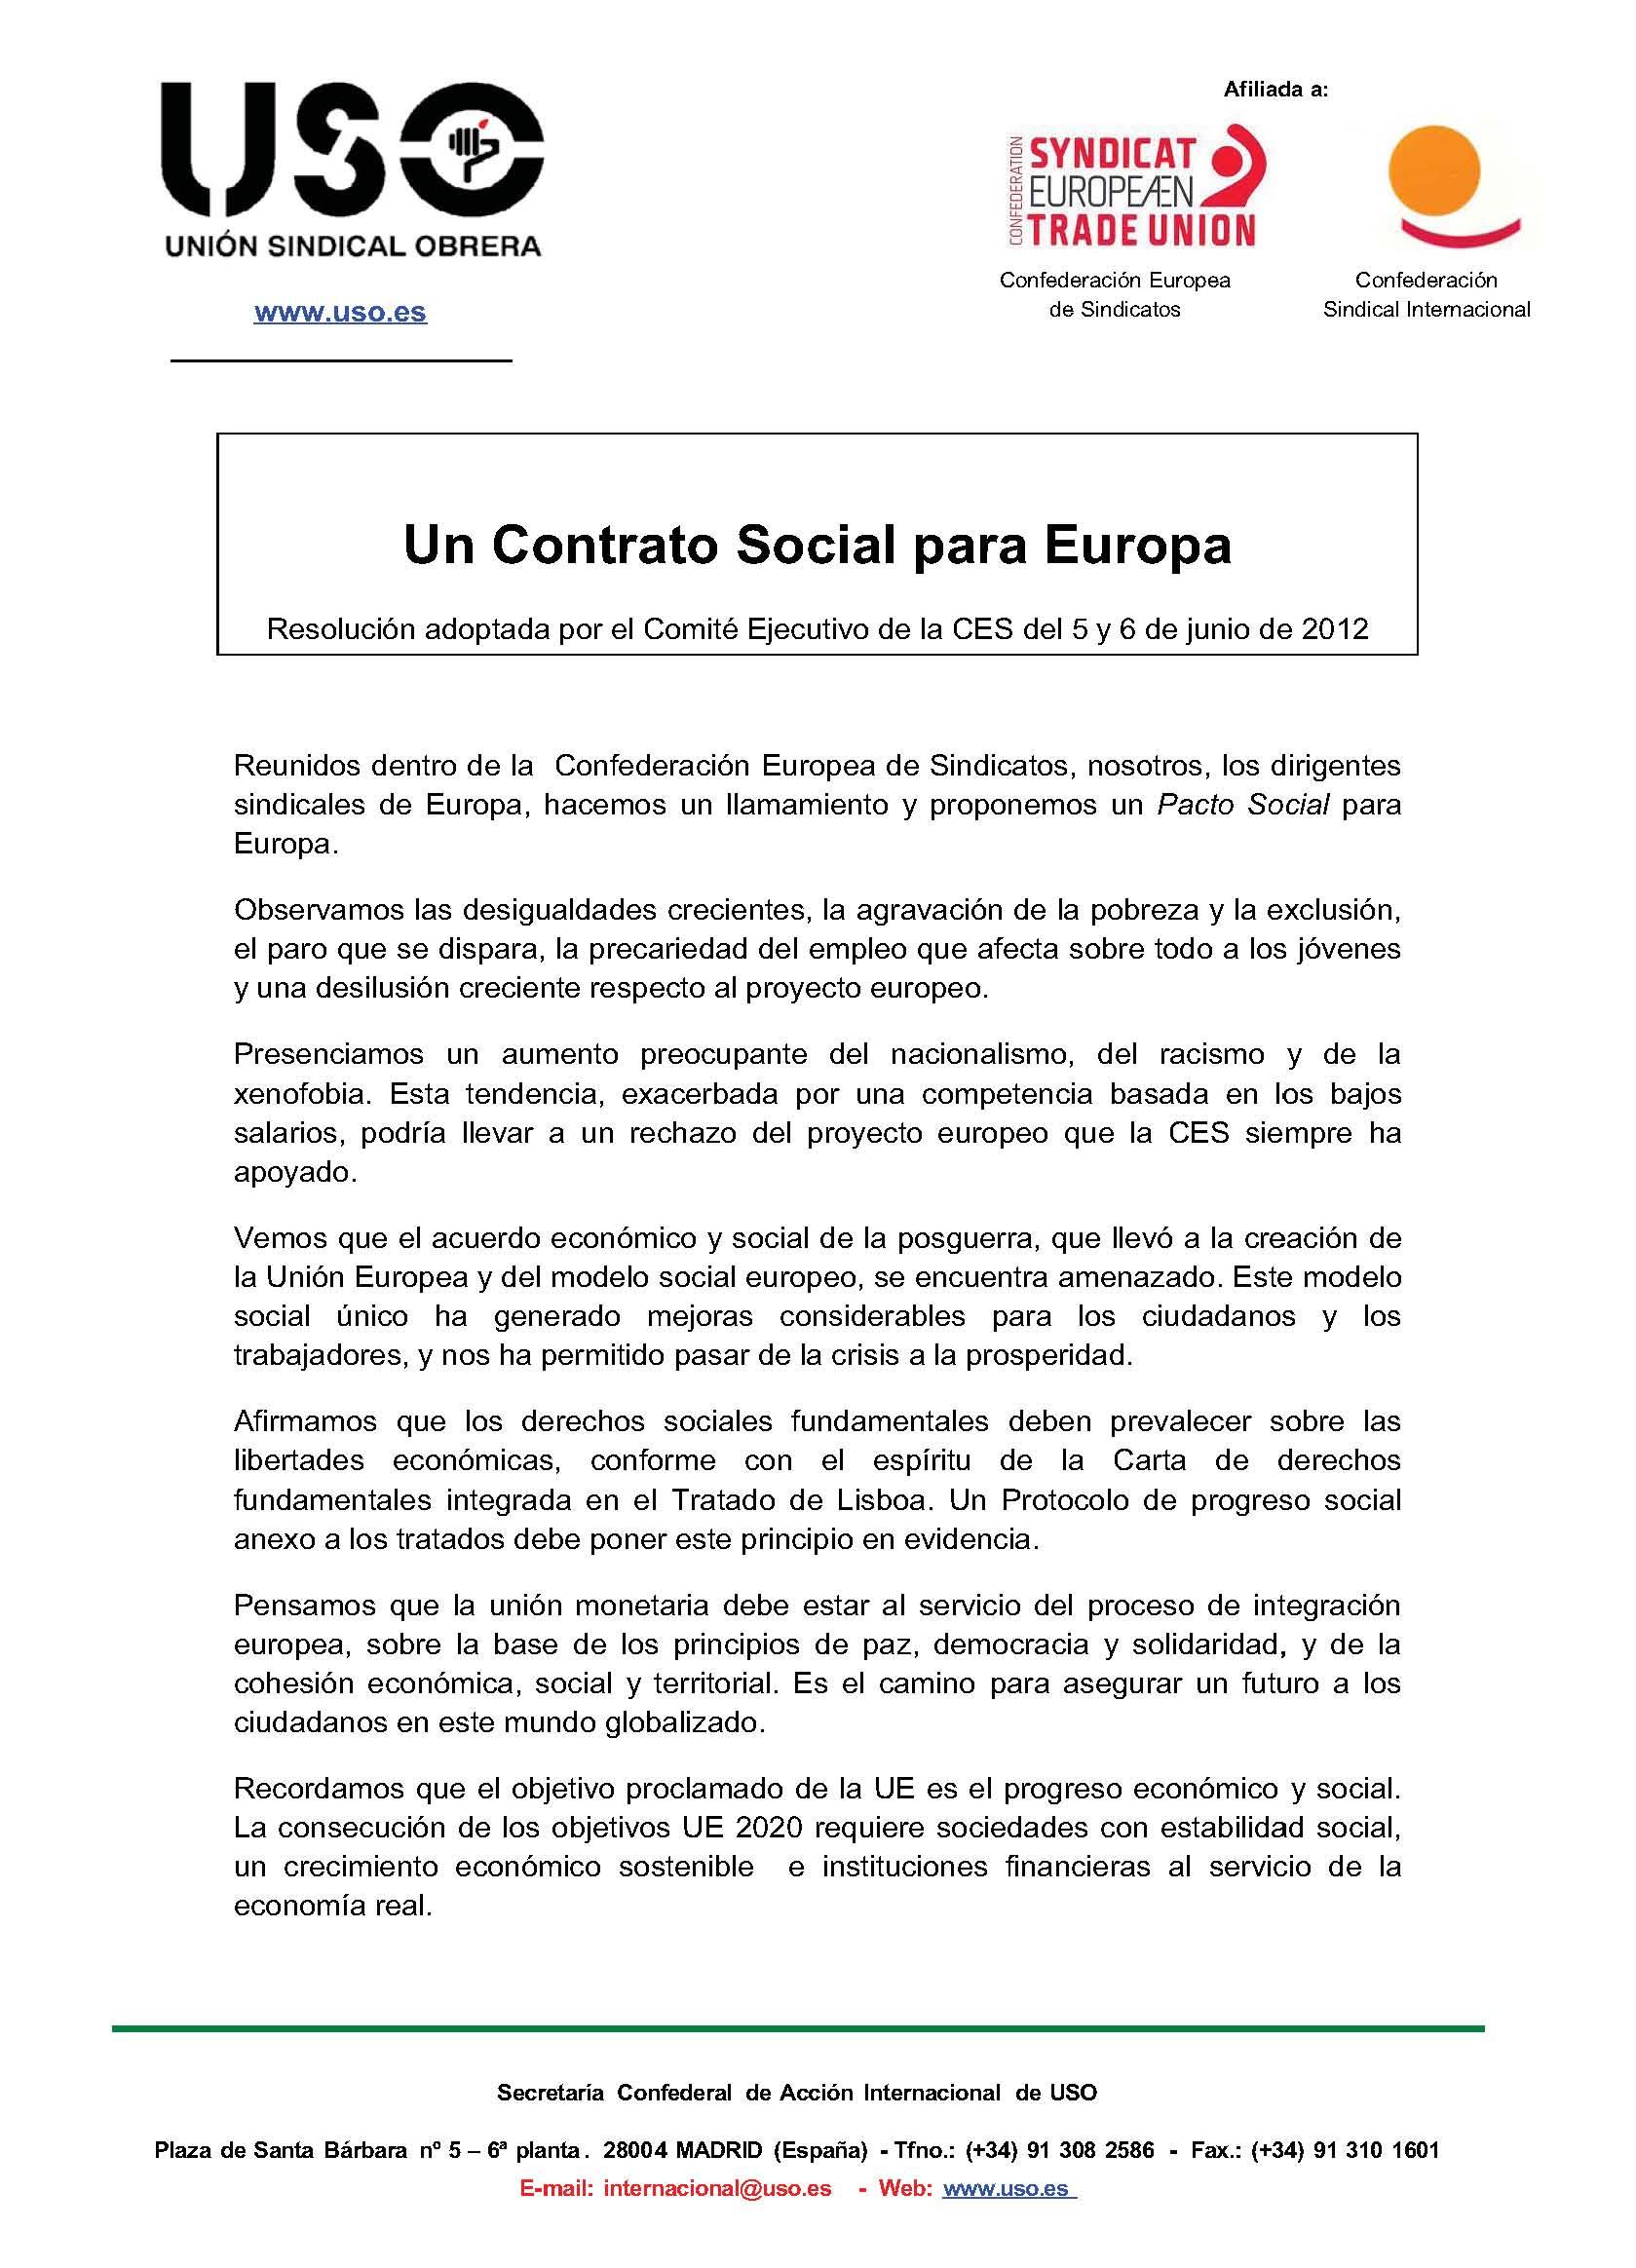 CES: un Contrato Social para Europa